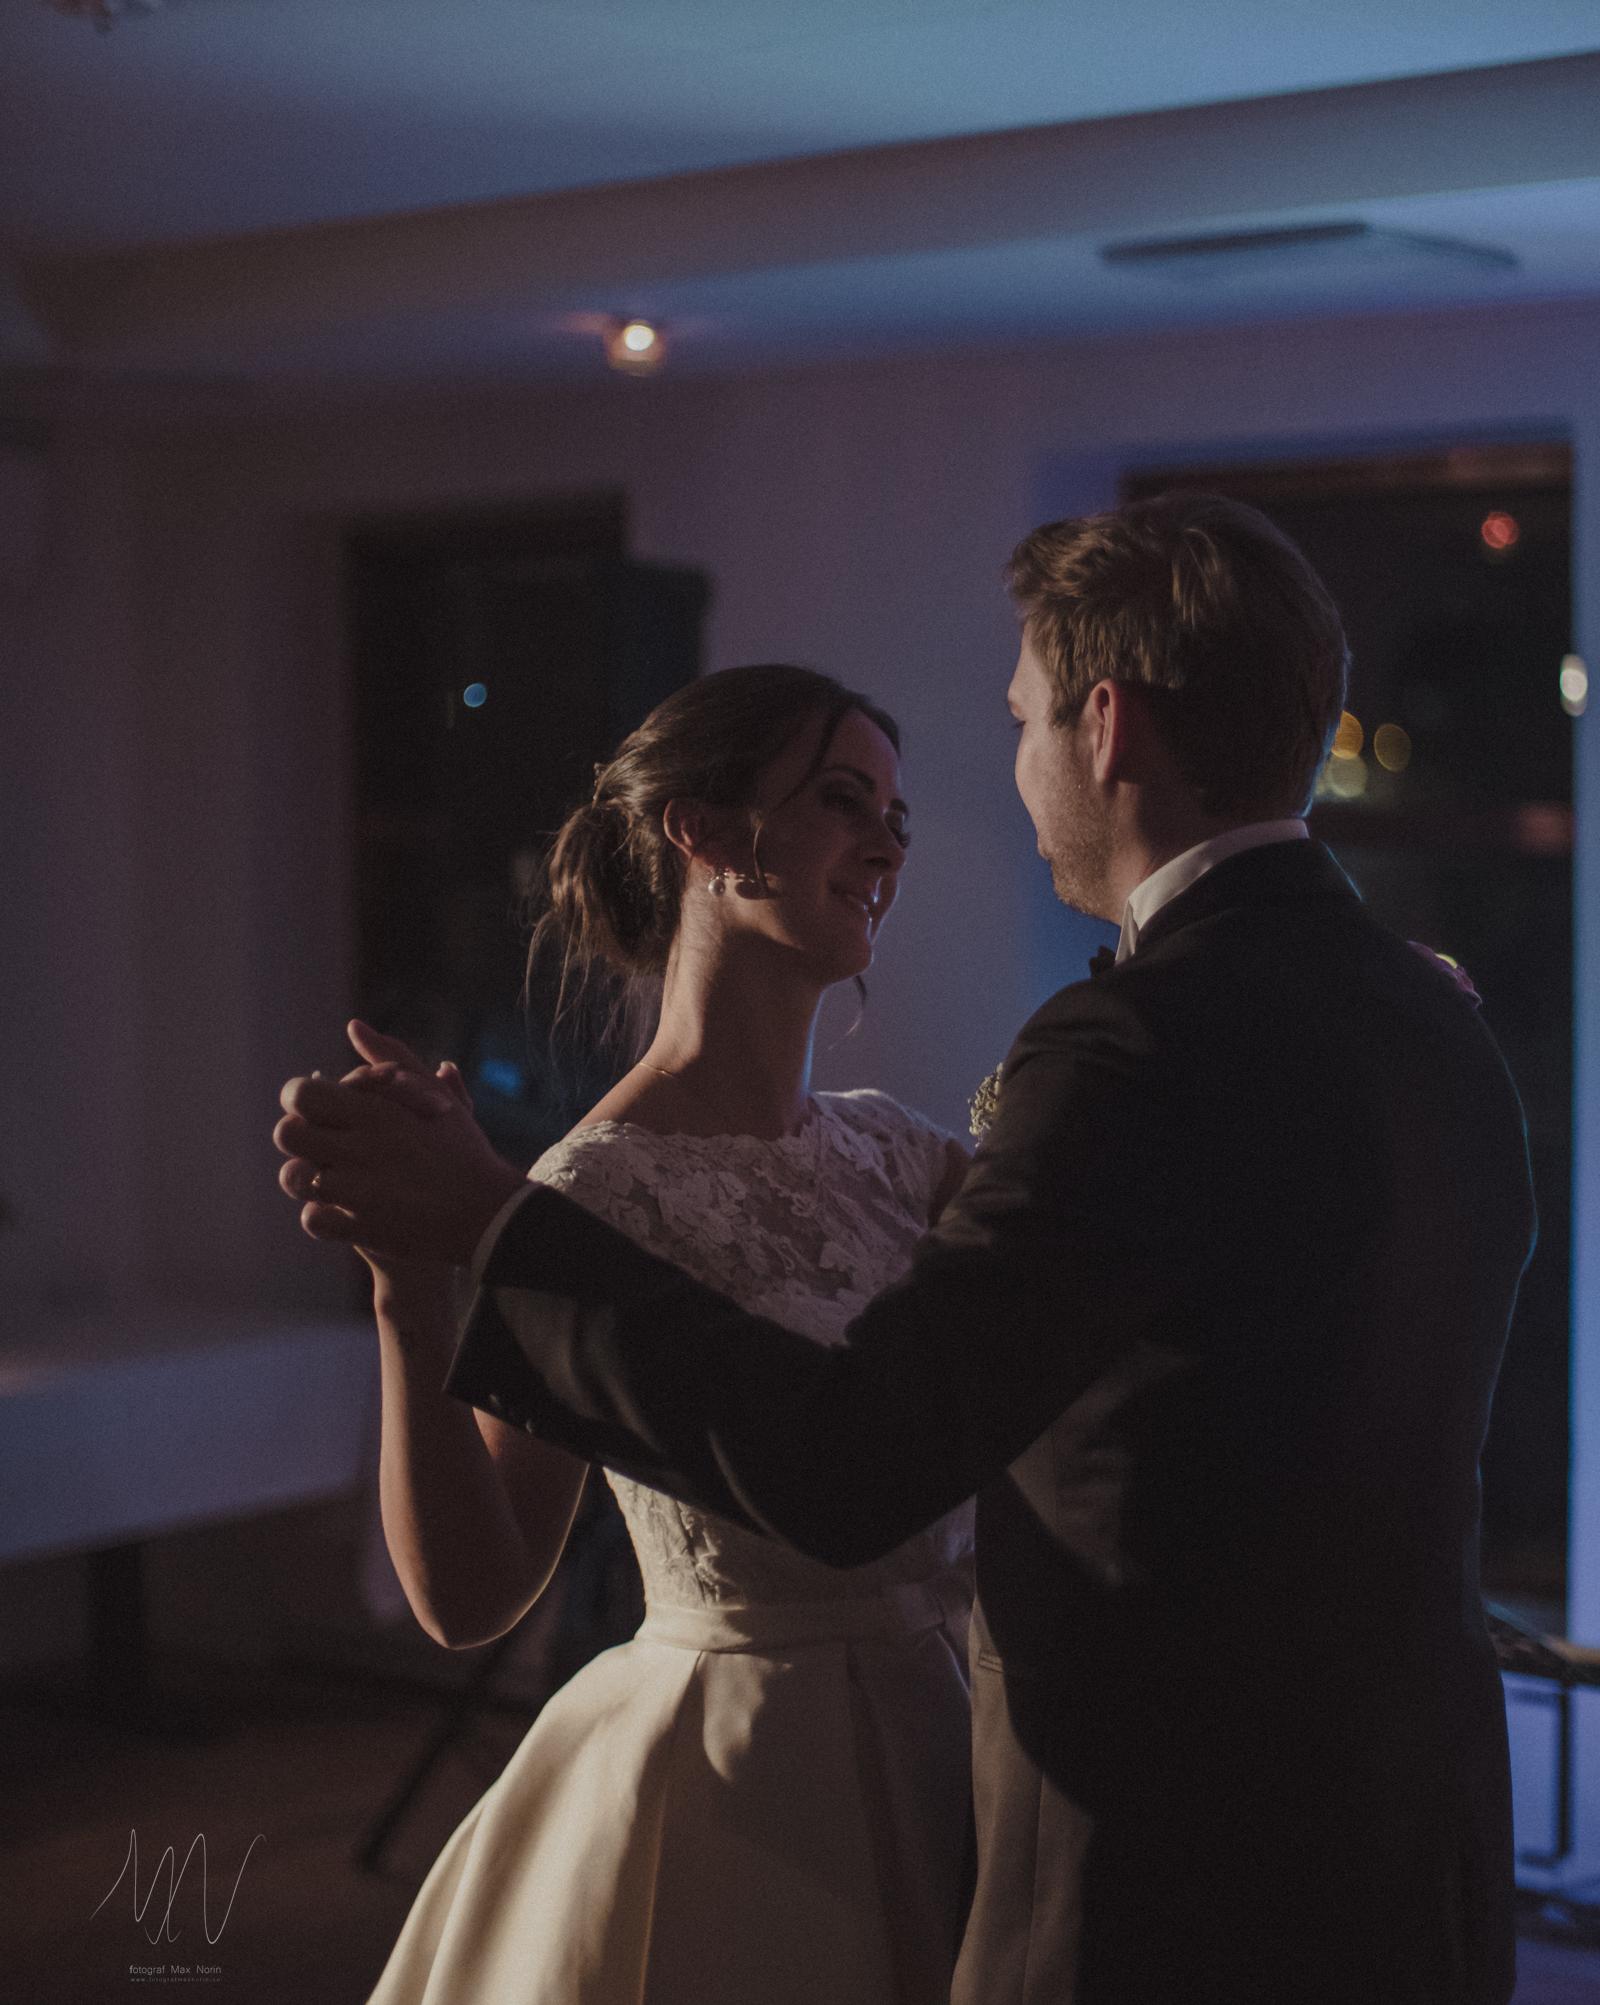 bröllopsfoto-fotograf-max-norin-440.jpg